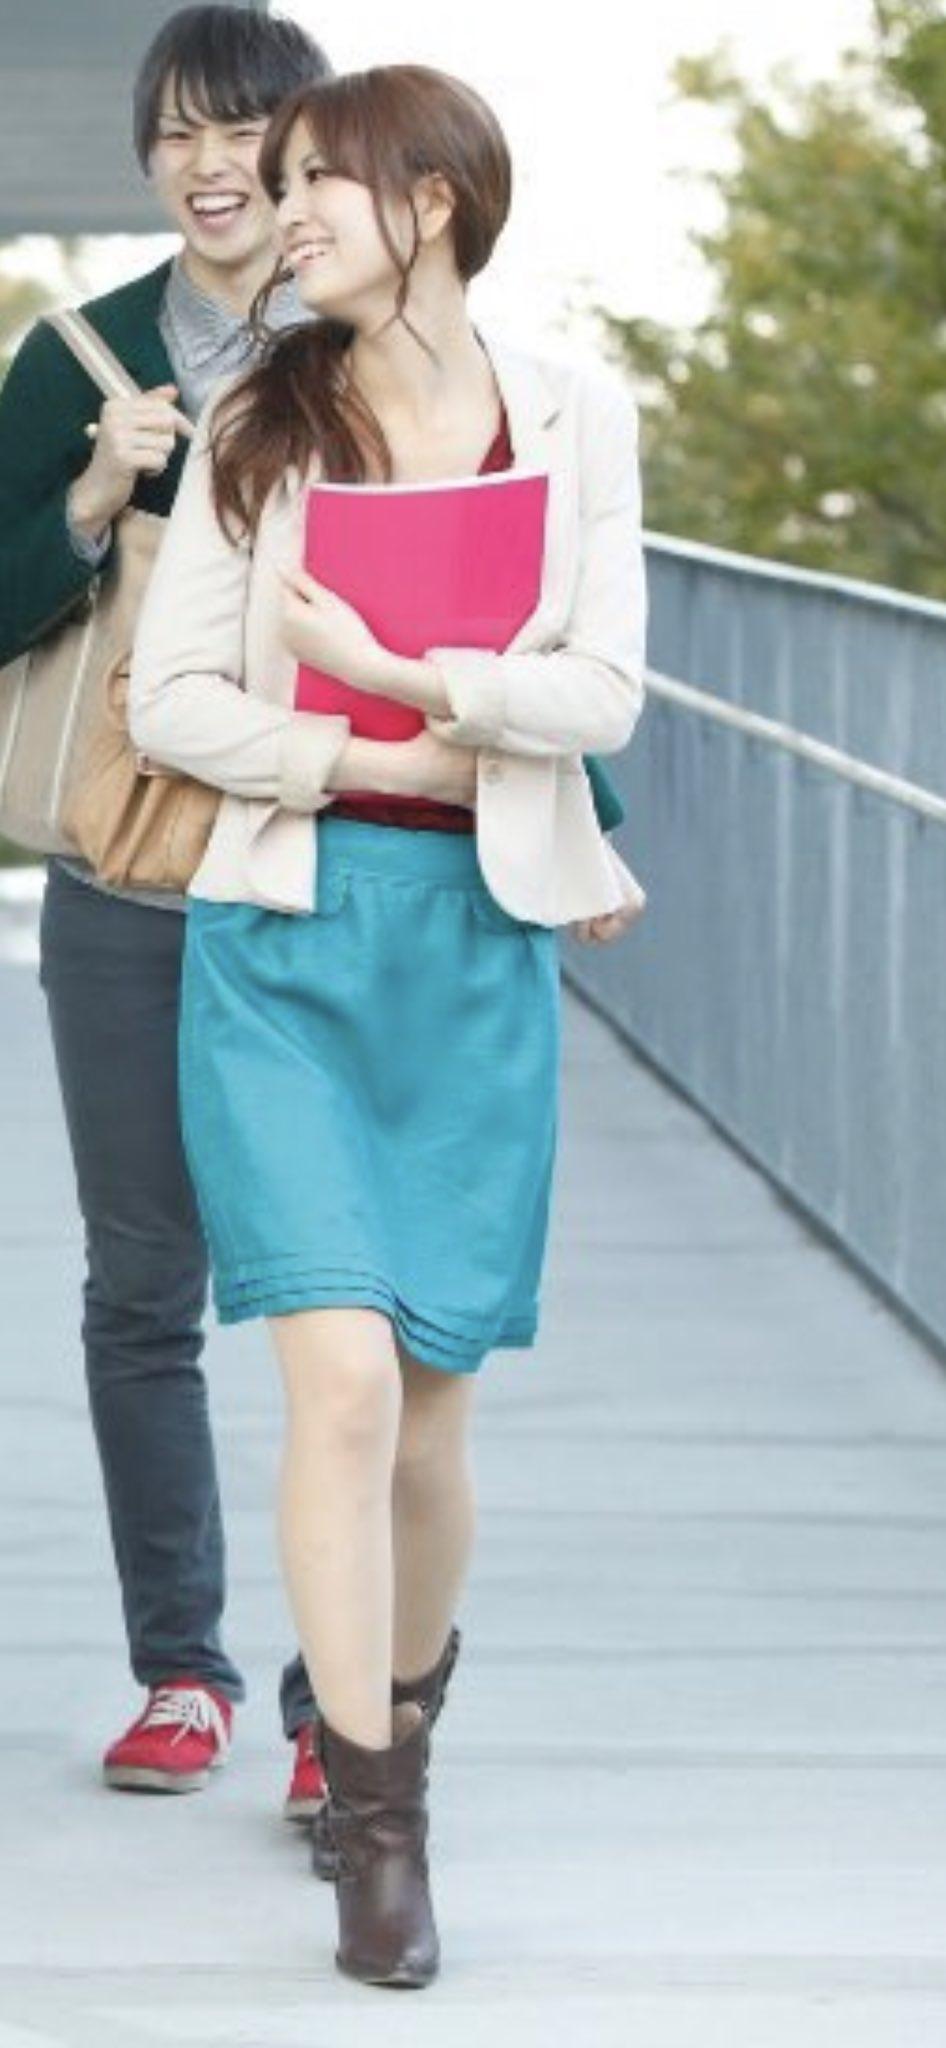 この人のファッションセンスに目がいったのは私だけでしょうか…すみません…青いスカートに中の服が濃い赤に見えるから…そして靴の季節感のなさ…?私が変なのかな、ごめんなさい